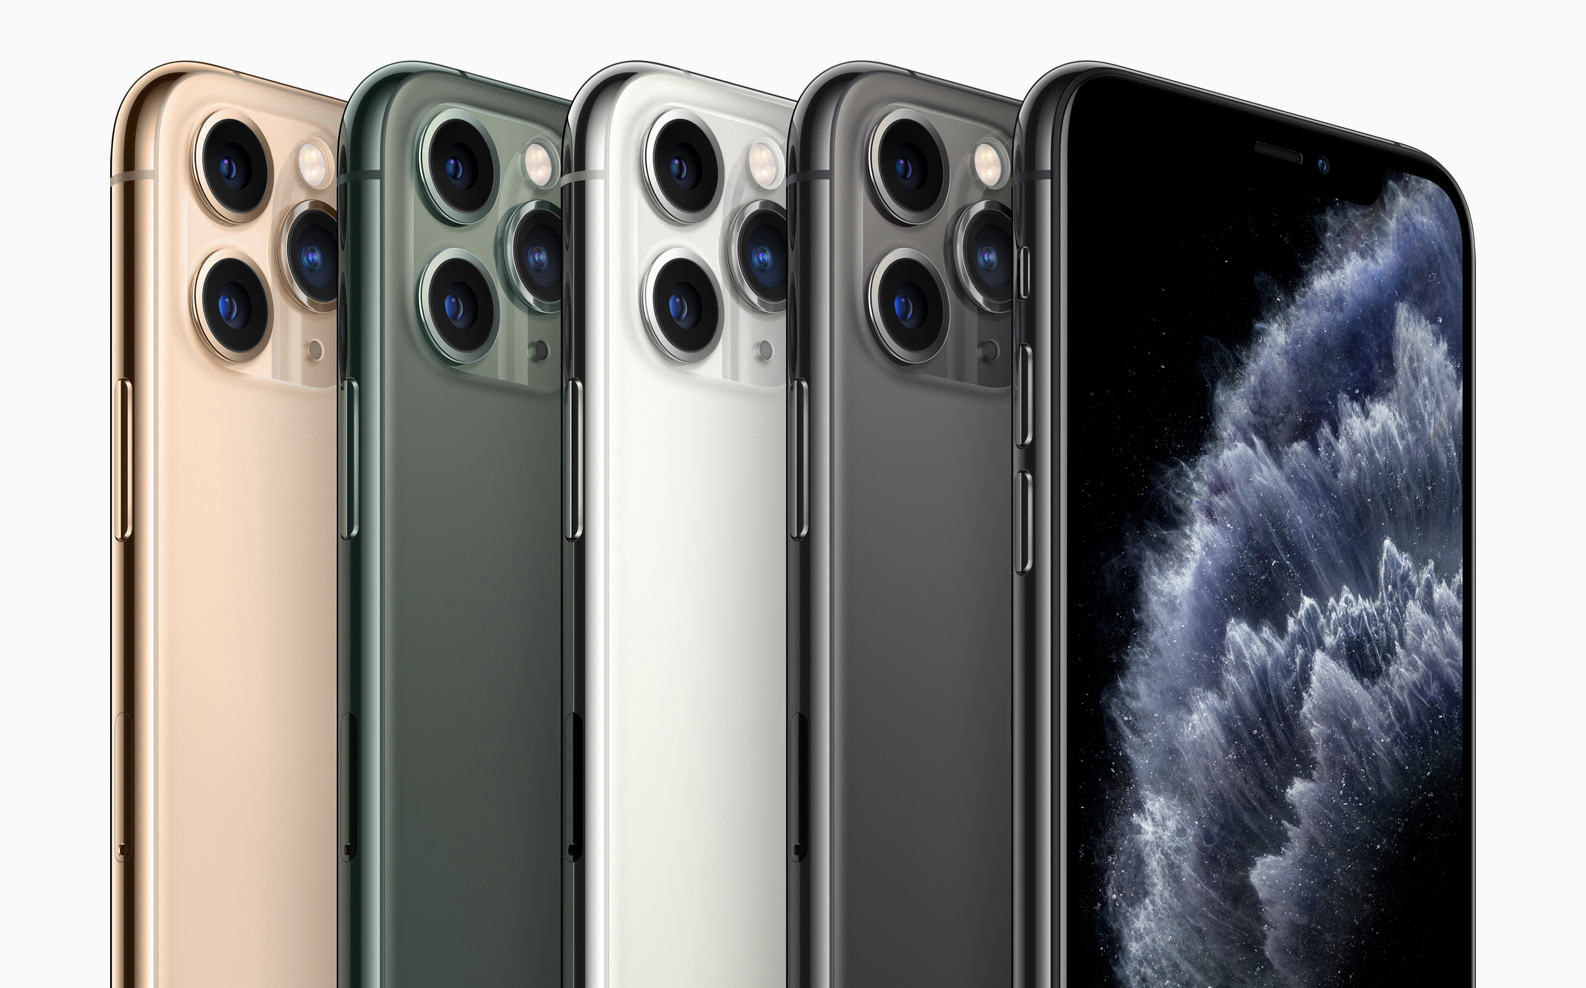 ภาพของ iPhone 11 Pro Max 5 เครื่อง ไล่สีจากซ้ายไปขวา ทอง เขียว ขาว เทา ดำ (สีดำมีสองเครื่อง หันหลังเครื่องนึง หันหน้าเครื่องนึง)